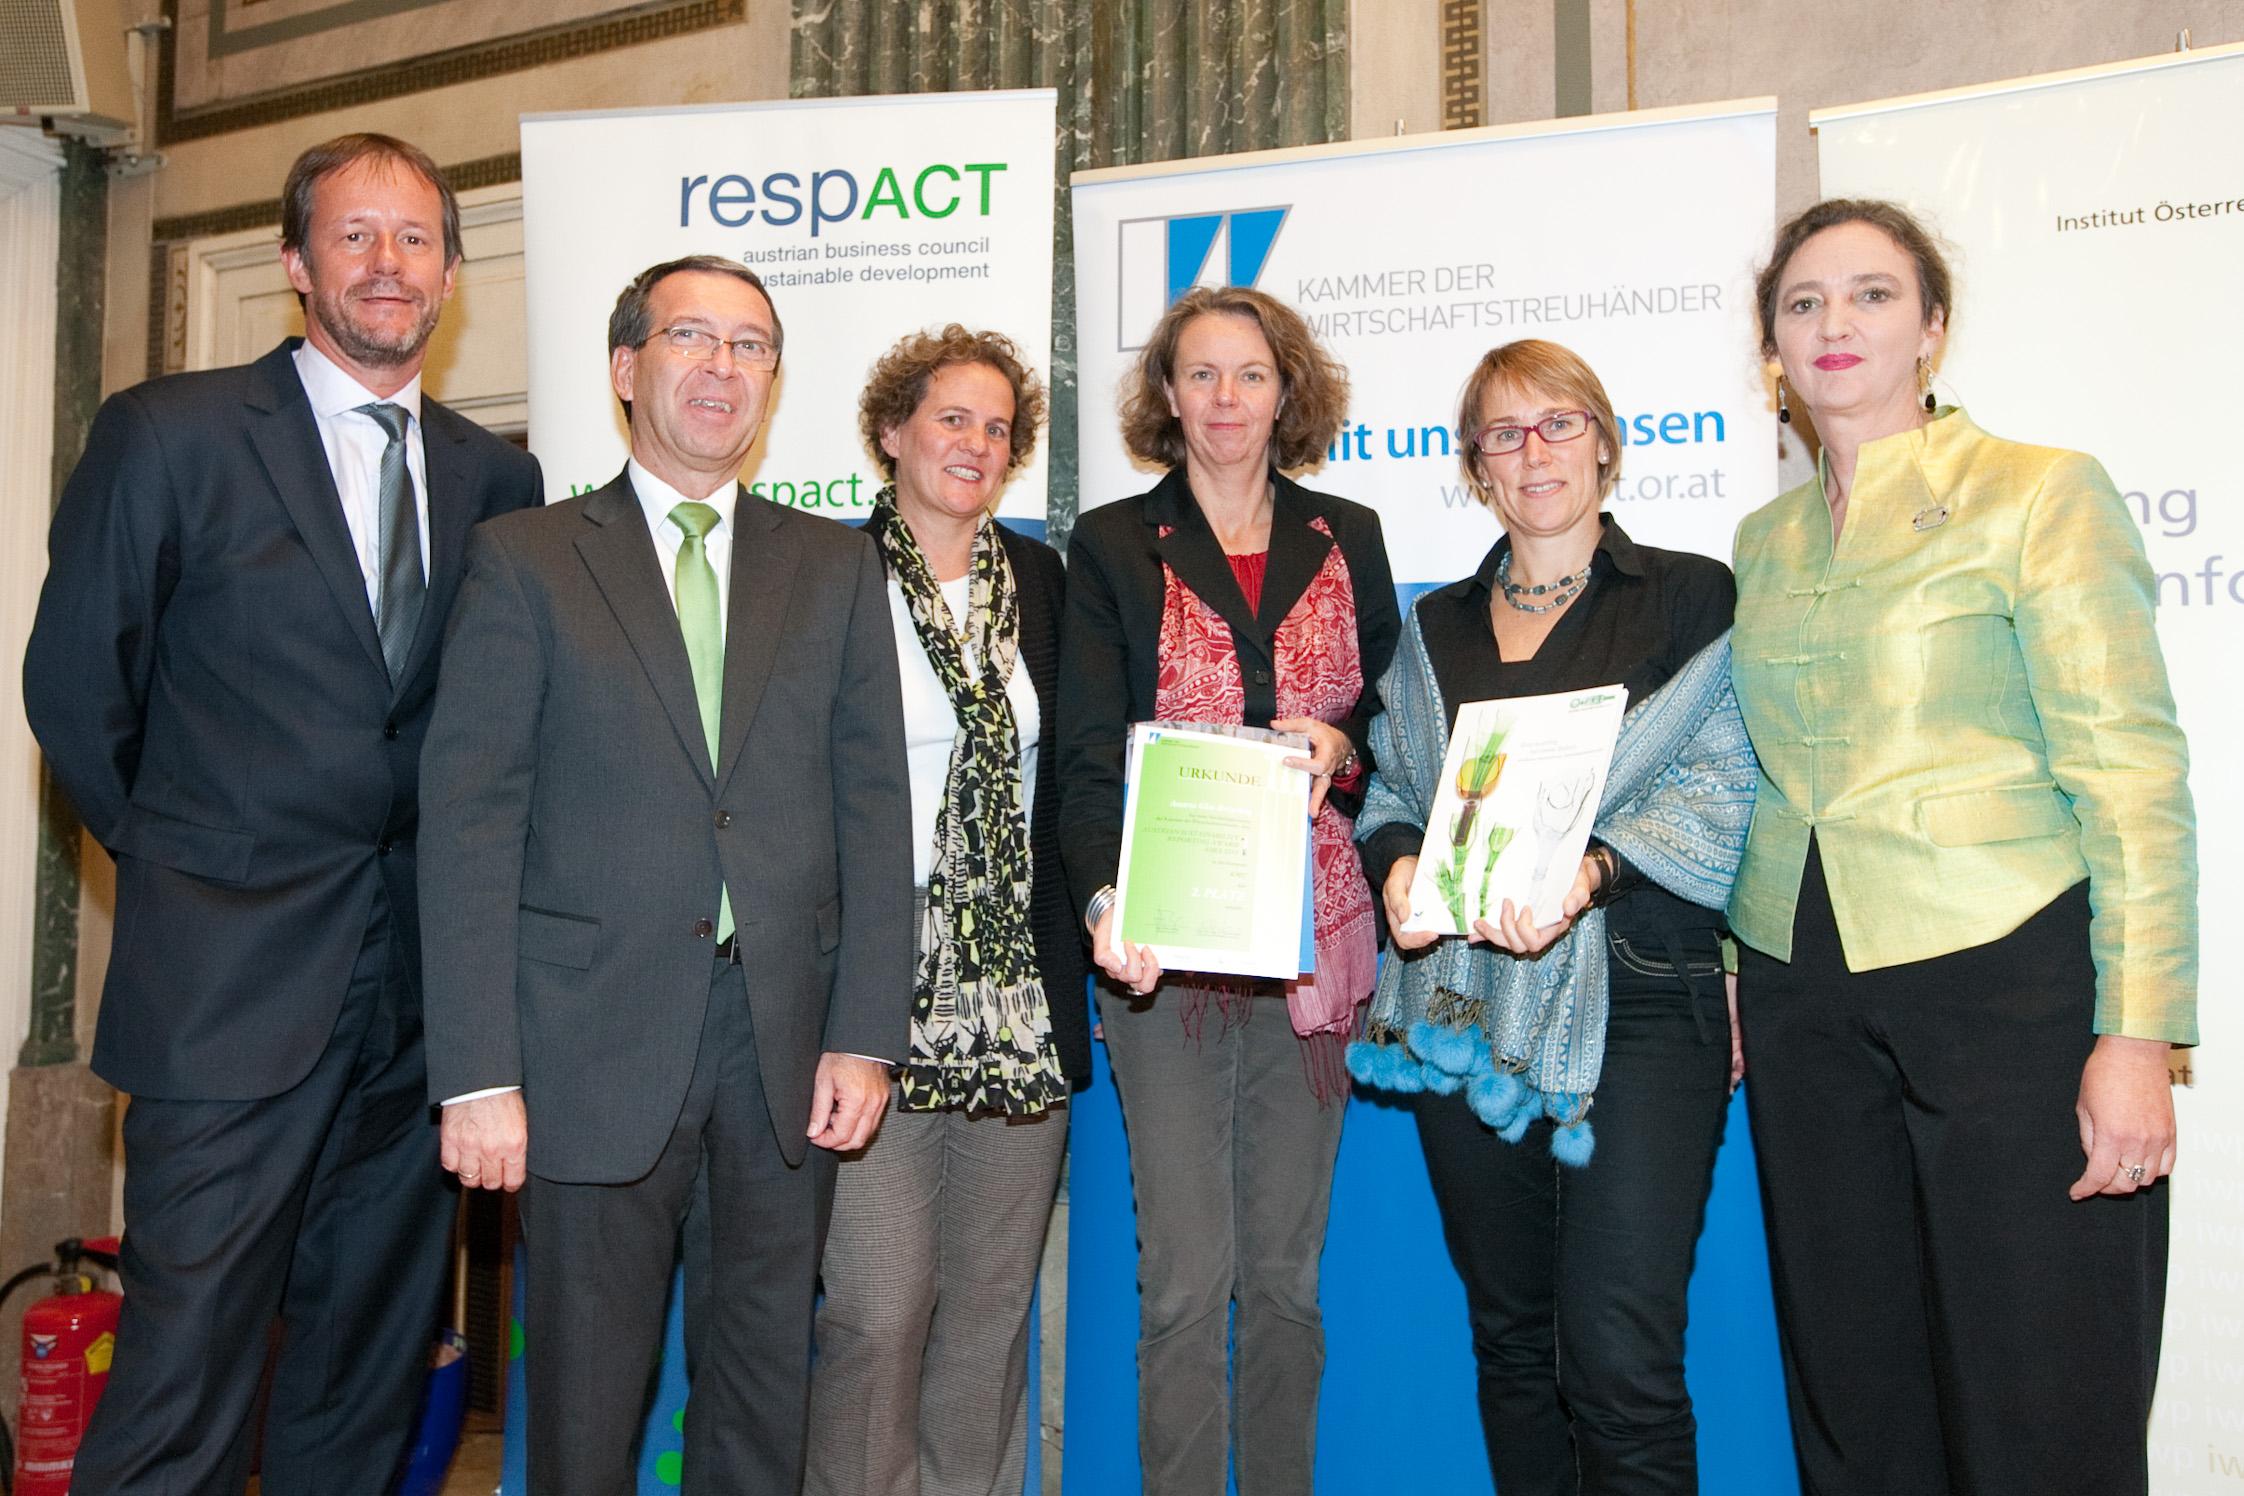 Auszeichnung von BM Nikolaus Berlakovich für das Klimaengagement der AGR. v. l. n. r.: BM Nikolaus Berlakovich, Monika Piber-Maslo, Beatrix Lechner/beide AGR, Brigitte Jank/Präsidentin der Wirtschaftskammer Wien